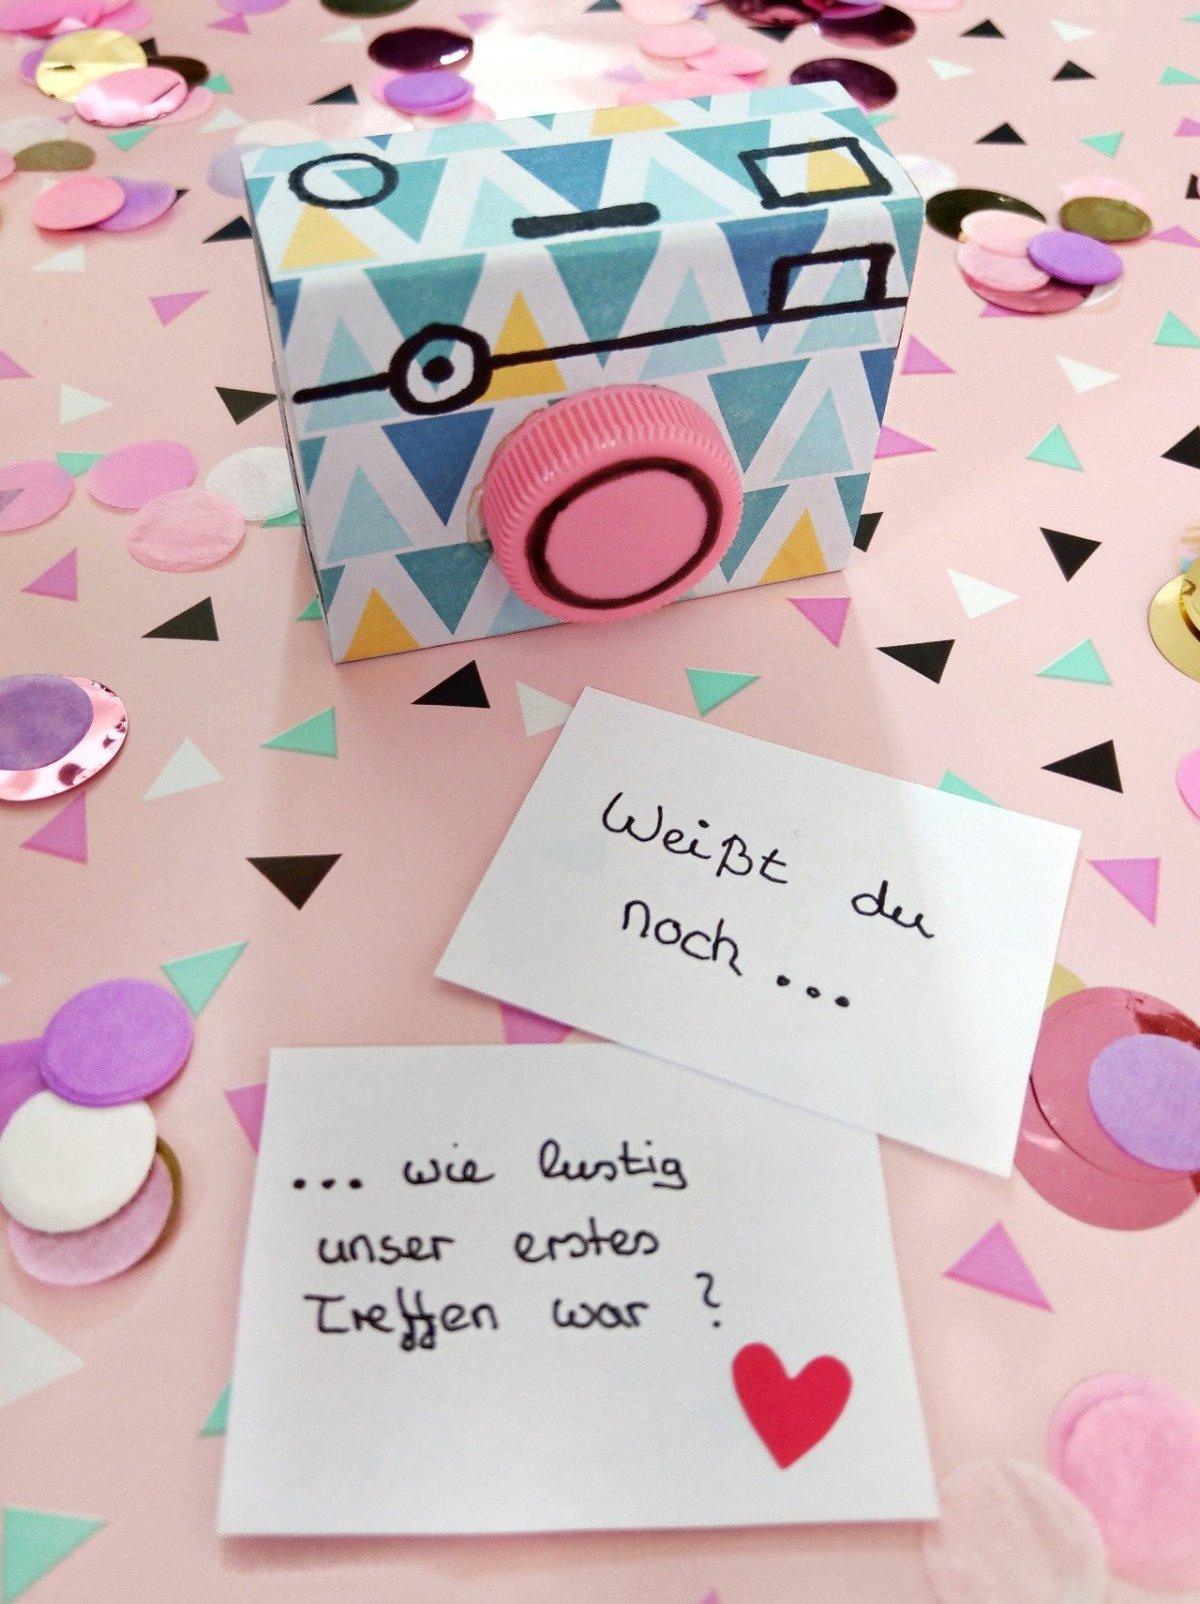 Sucht ihr noch nach einer orginellen Geschenkidee zum nächsten Geburtstag? Den Fotoapparat aus Streichholzschachteln könnt ihr schnell und einfach basteln. Auch für Kinder ein toller Spaß.